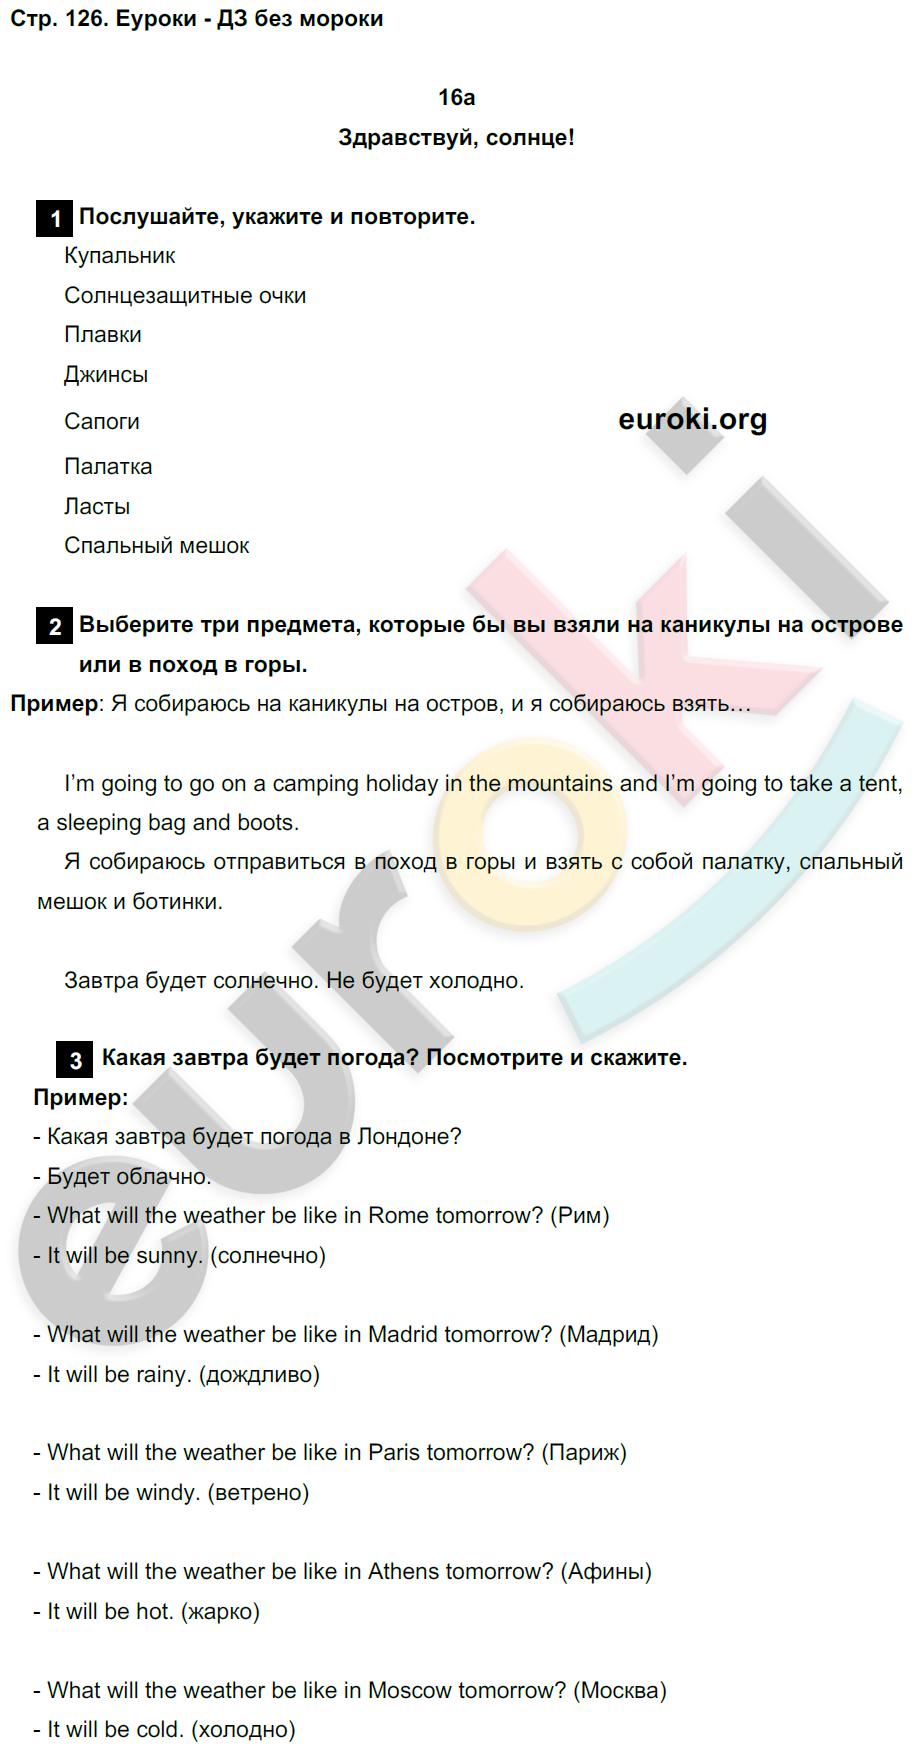 ГДЗ по английскому языку 4 класс Быкова, Дули, Поспелова. Задание: стр. 126